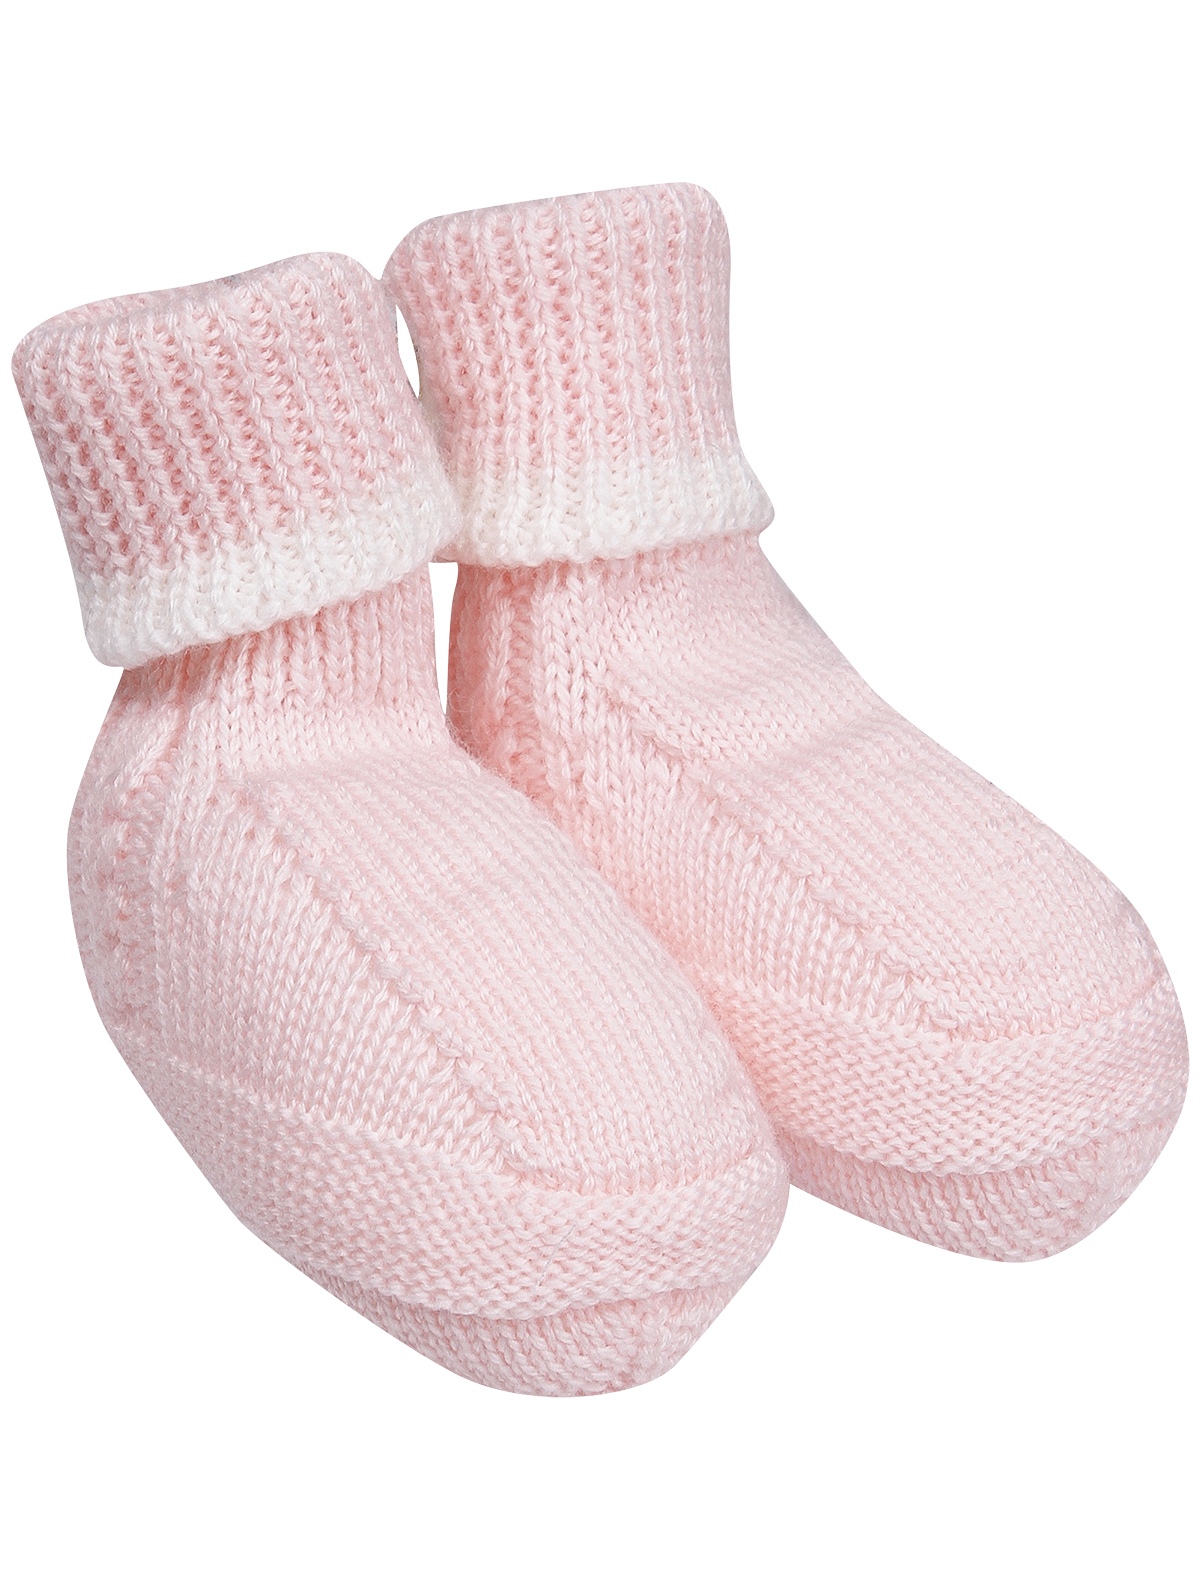 Купить 1910234, Носки TOMAX, розовый, Женский, 1532609880305